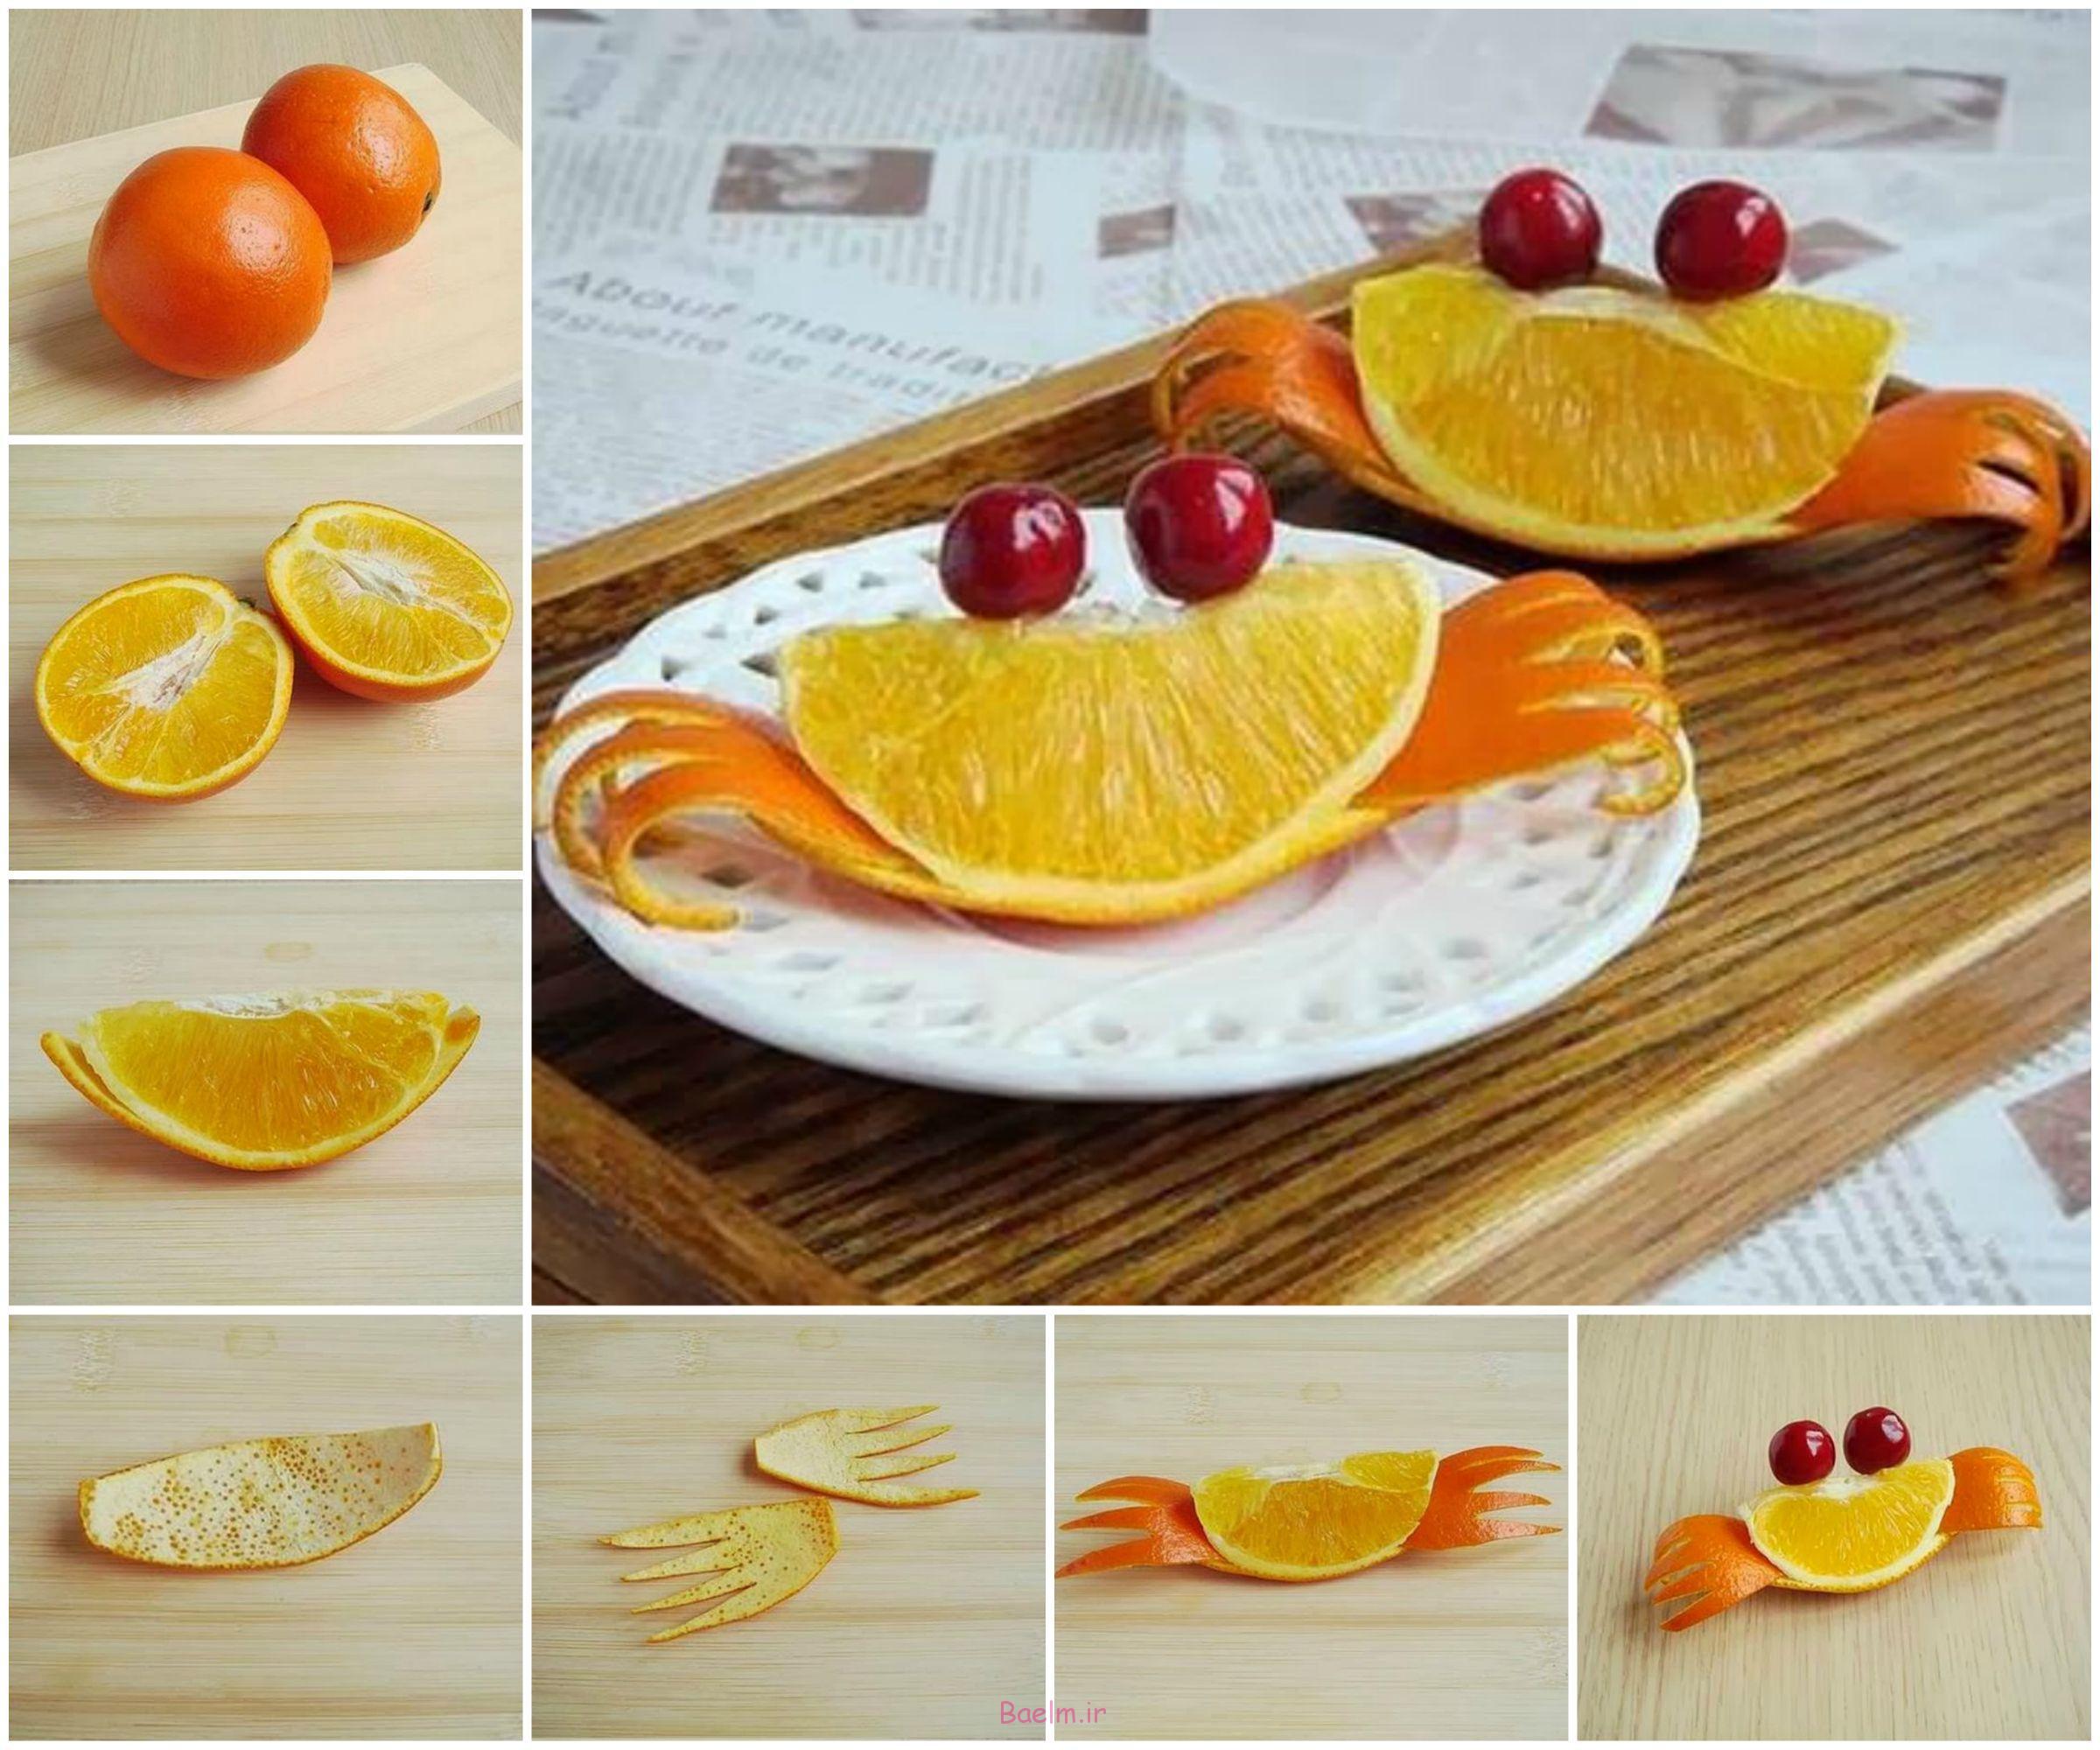 آموزش تصویری | تزئین کردن پرتقال به شکل خرچنگ برای شب یلدا • هنر ...